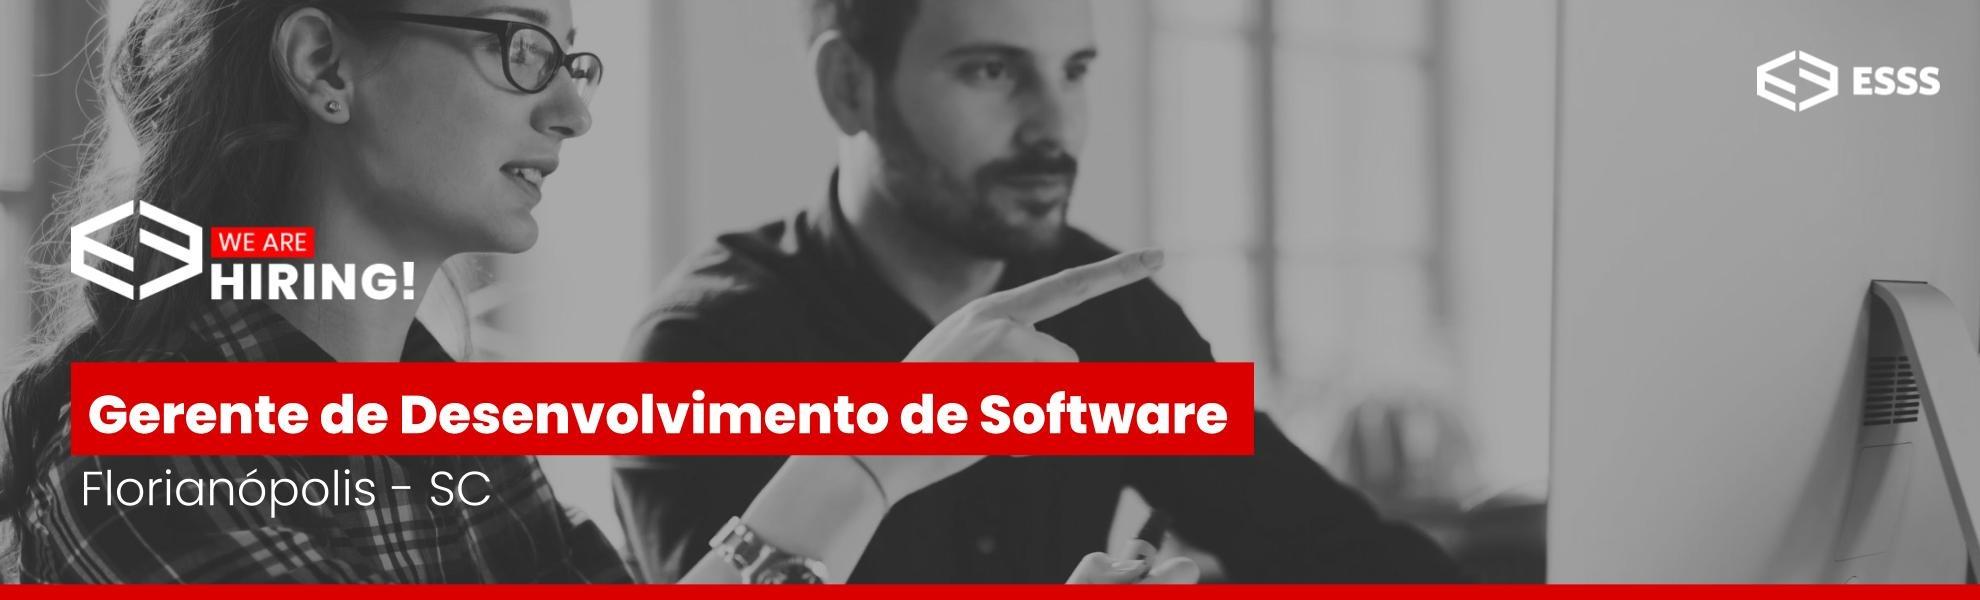 Gerente de Desenvolvimento de Software